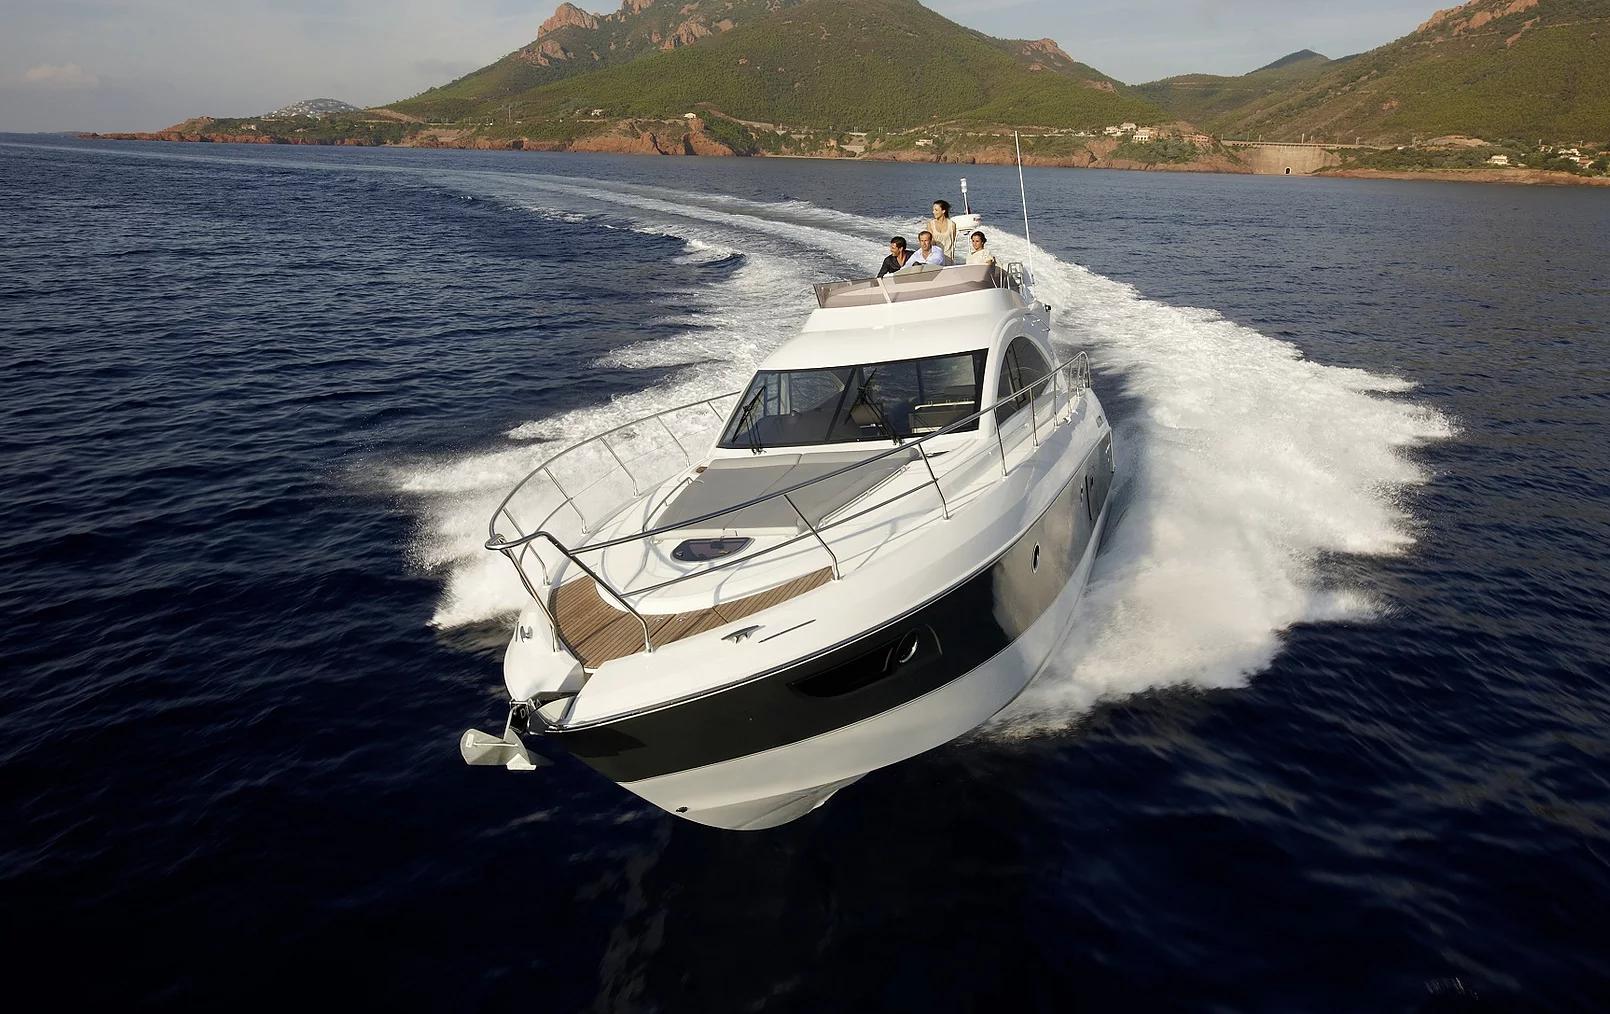 Beneteau Monte-Carlo 47 FLY